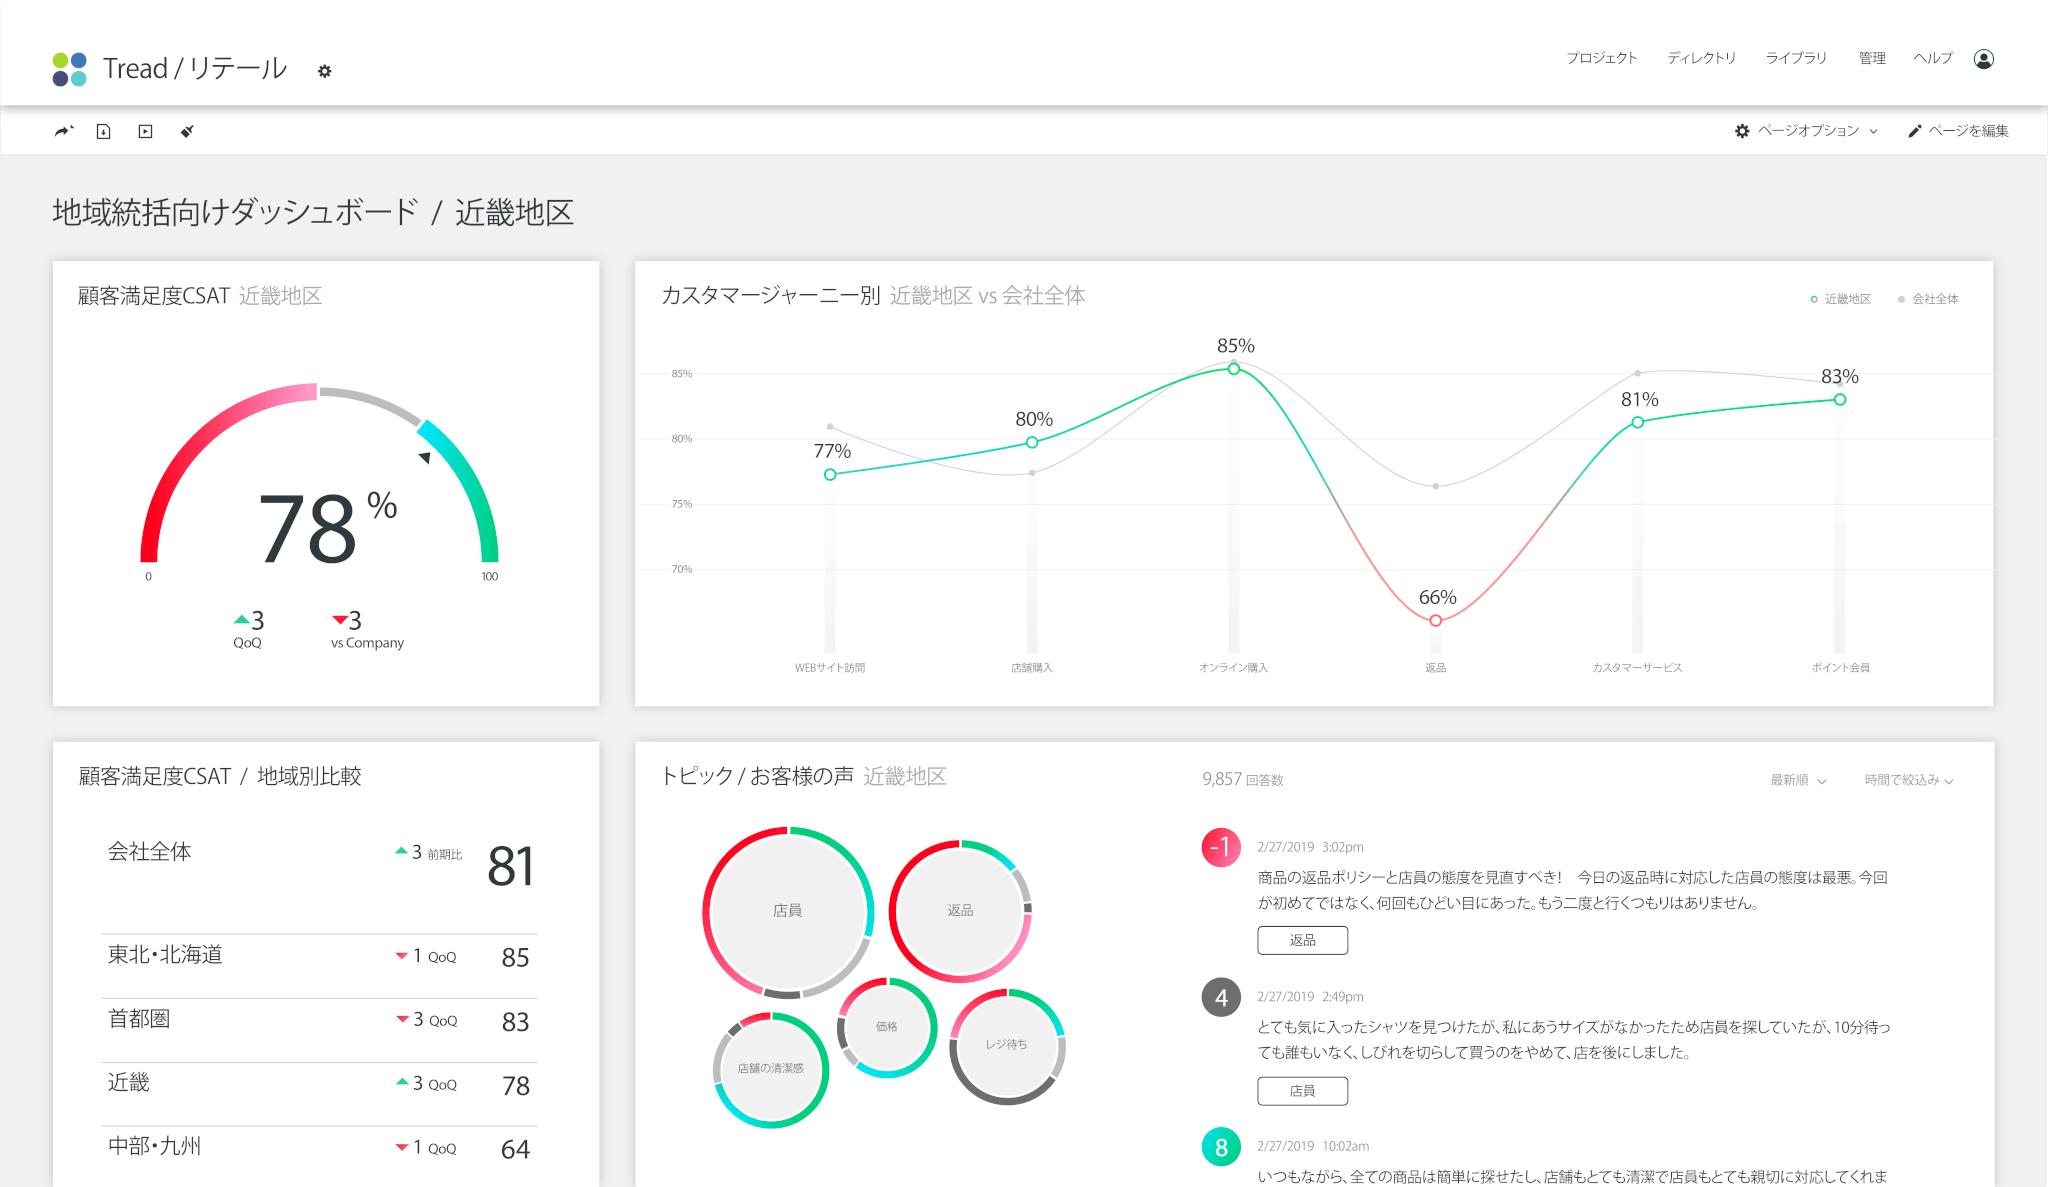 クアルトリクス カスタマー予測調査画面のイメージ